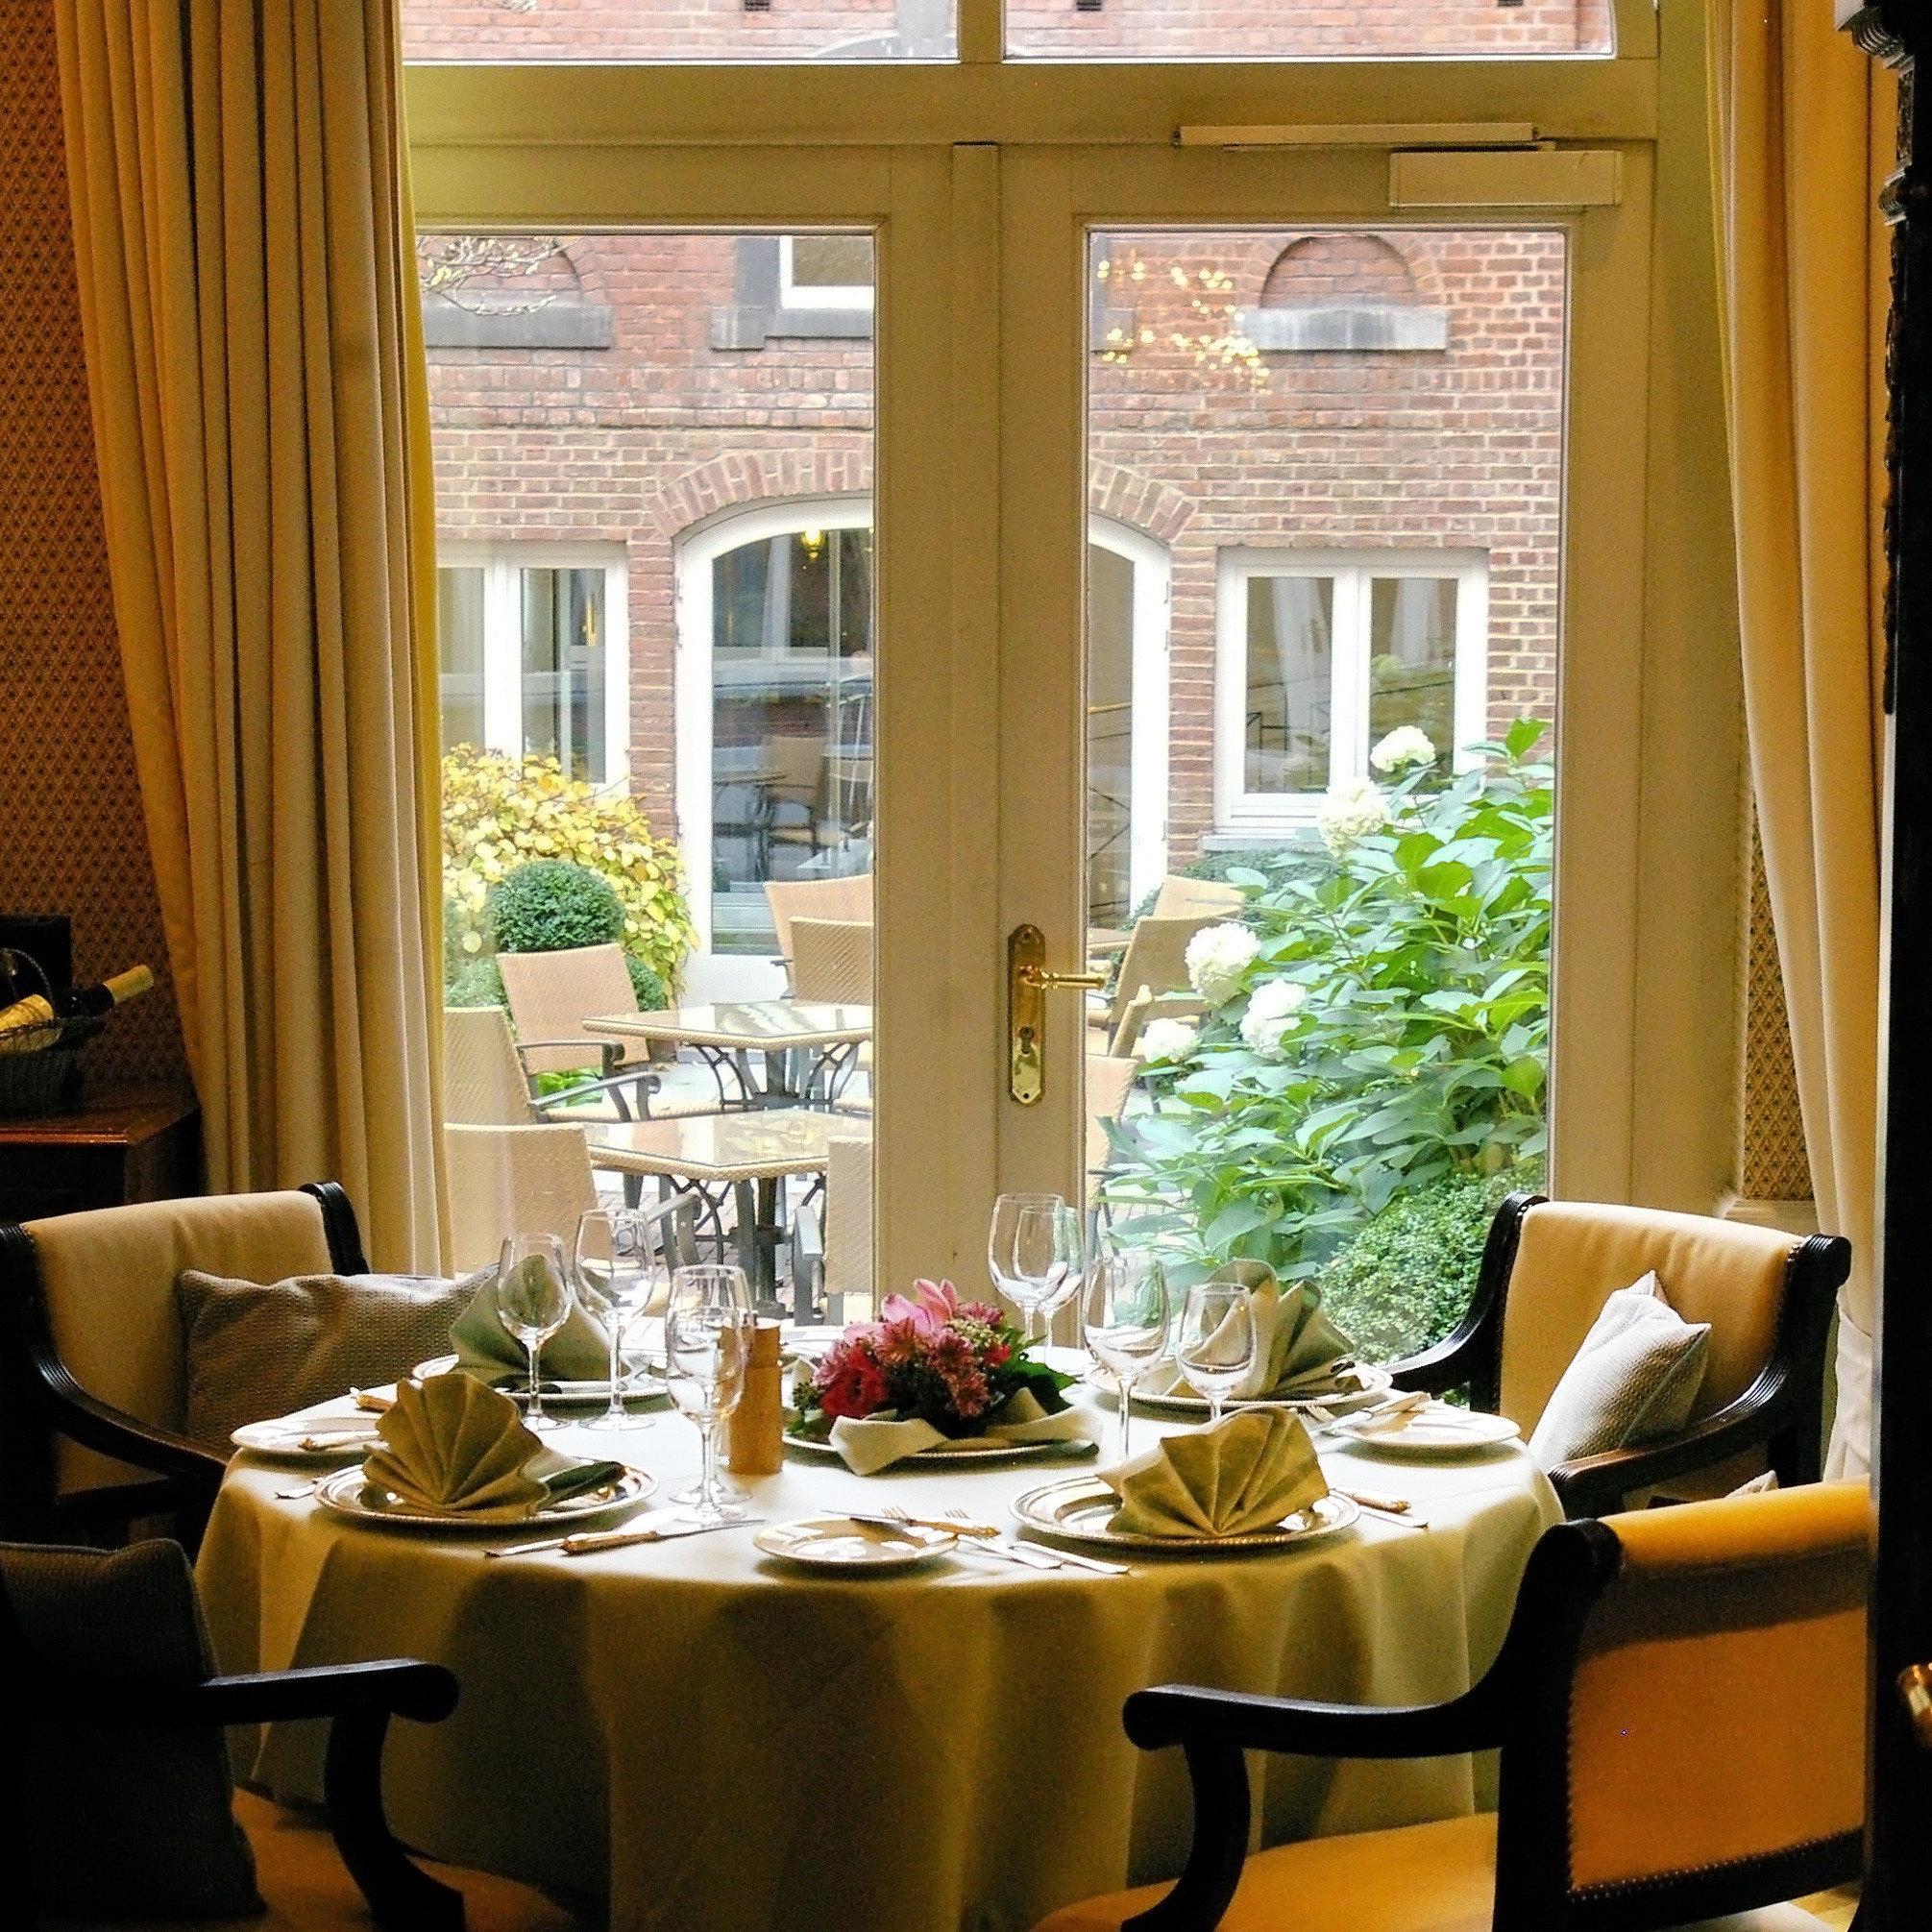 Bar Dining Drink Eat Elegant Luxury home living room restaurant porch flower cottage